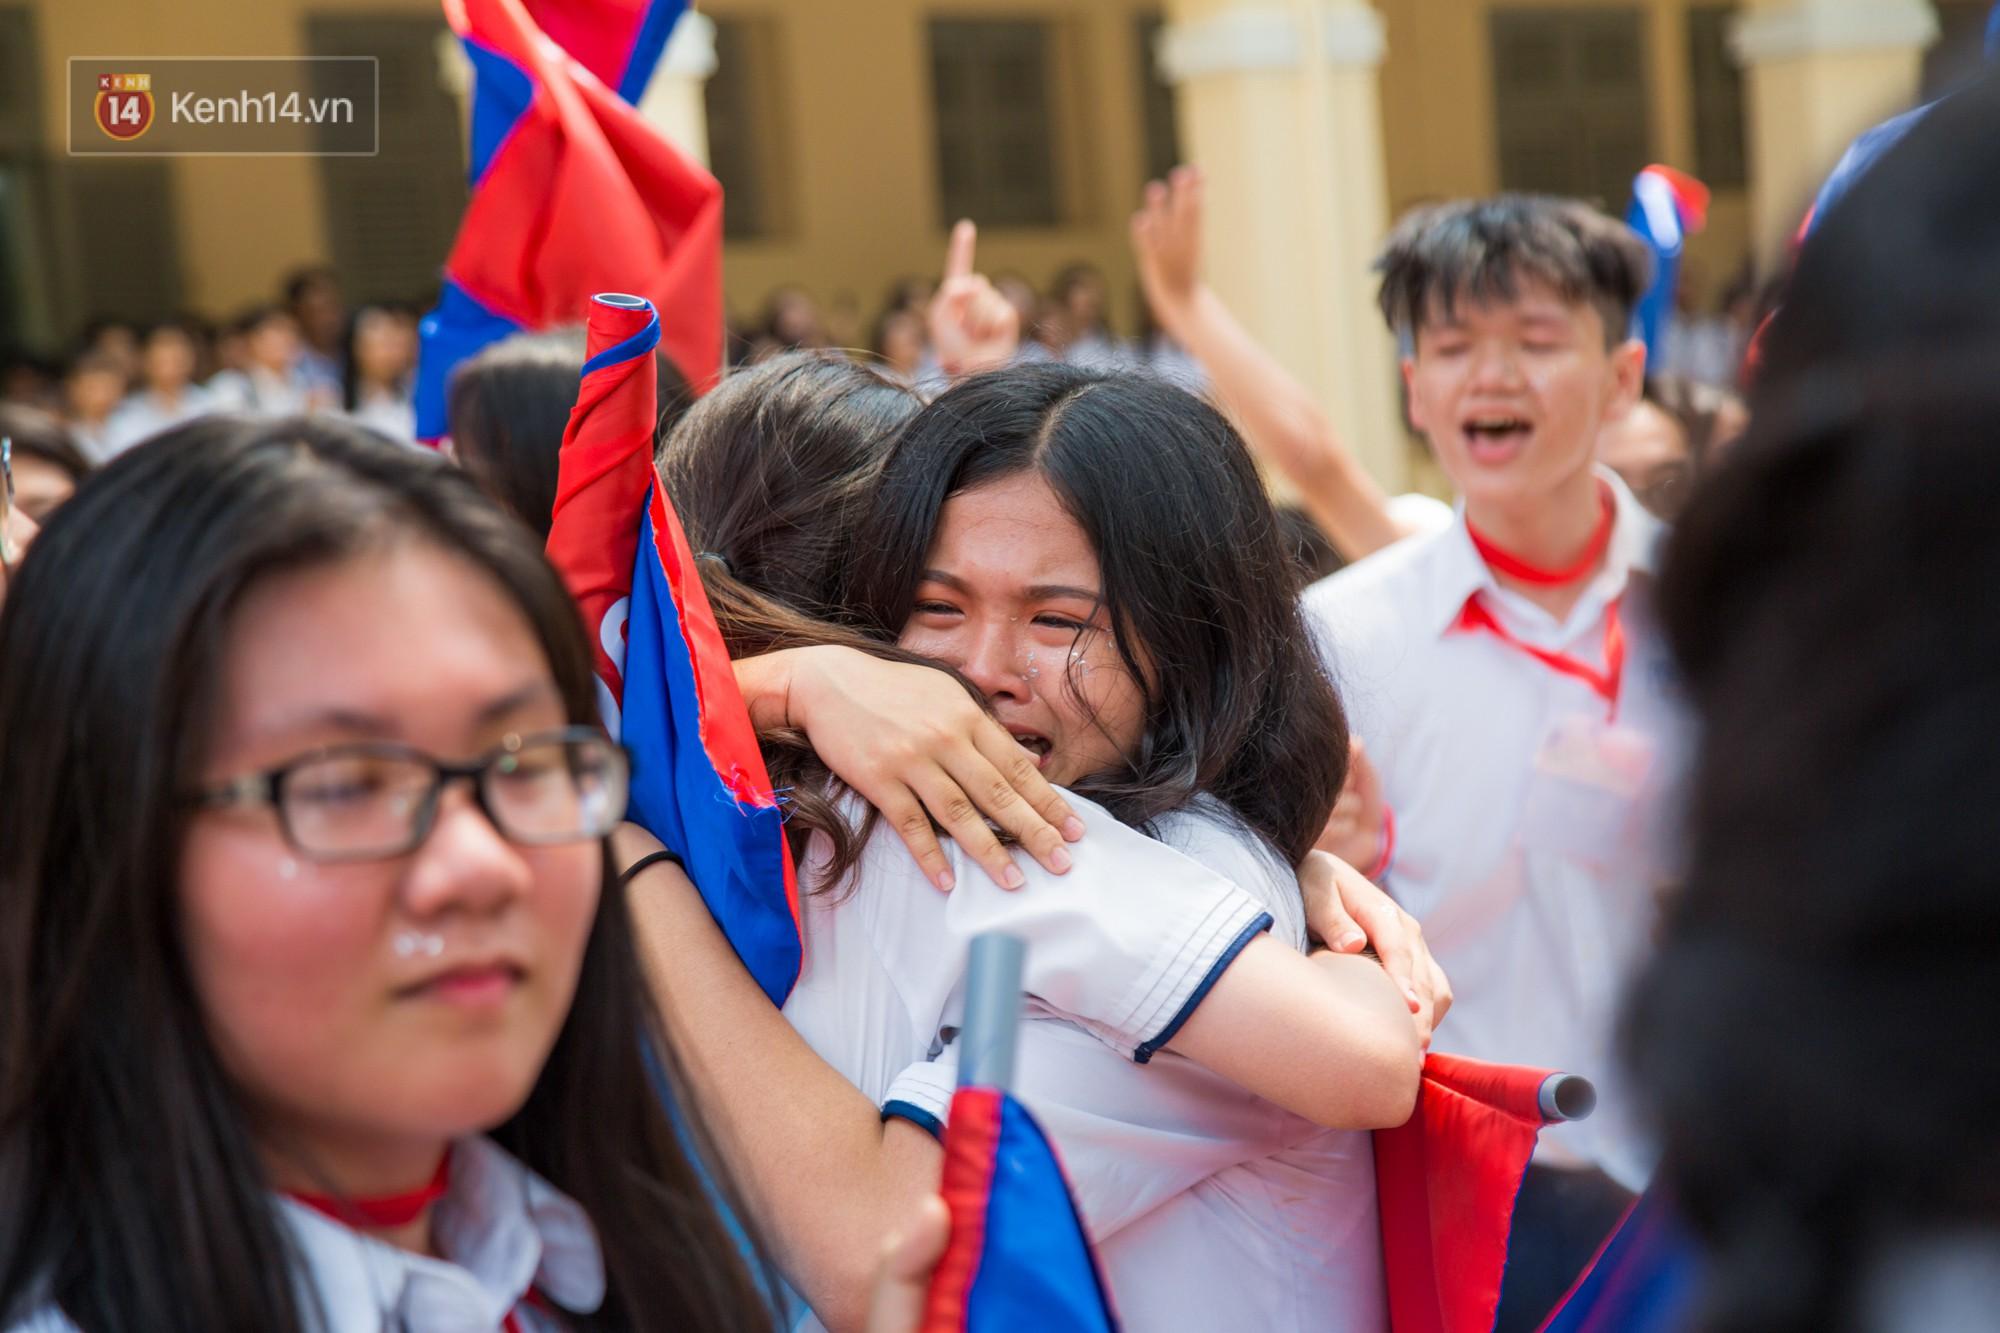 Ngày ra trường của teen Lê Hồng Phong: Nụ cười và nước mắt, bạn tôi ơi xin bên nhau thêm chút nữa!-16